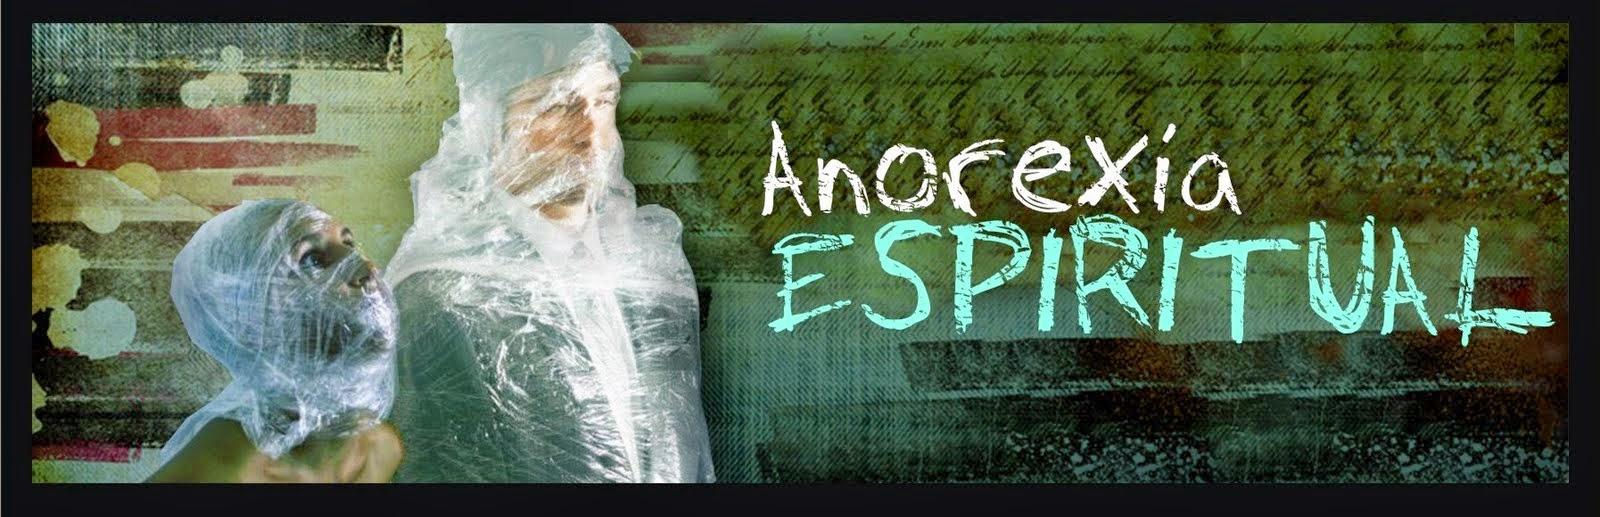 Anorexia Espiritual